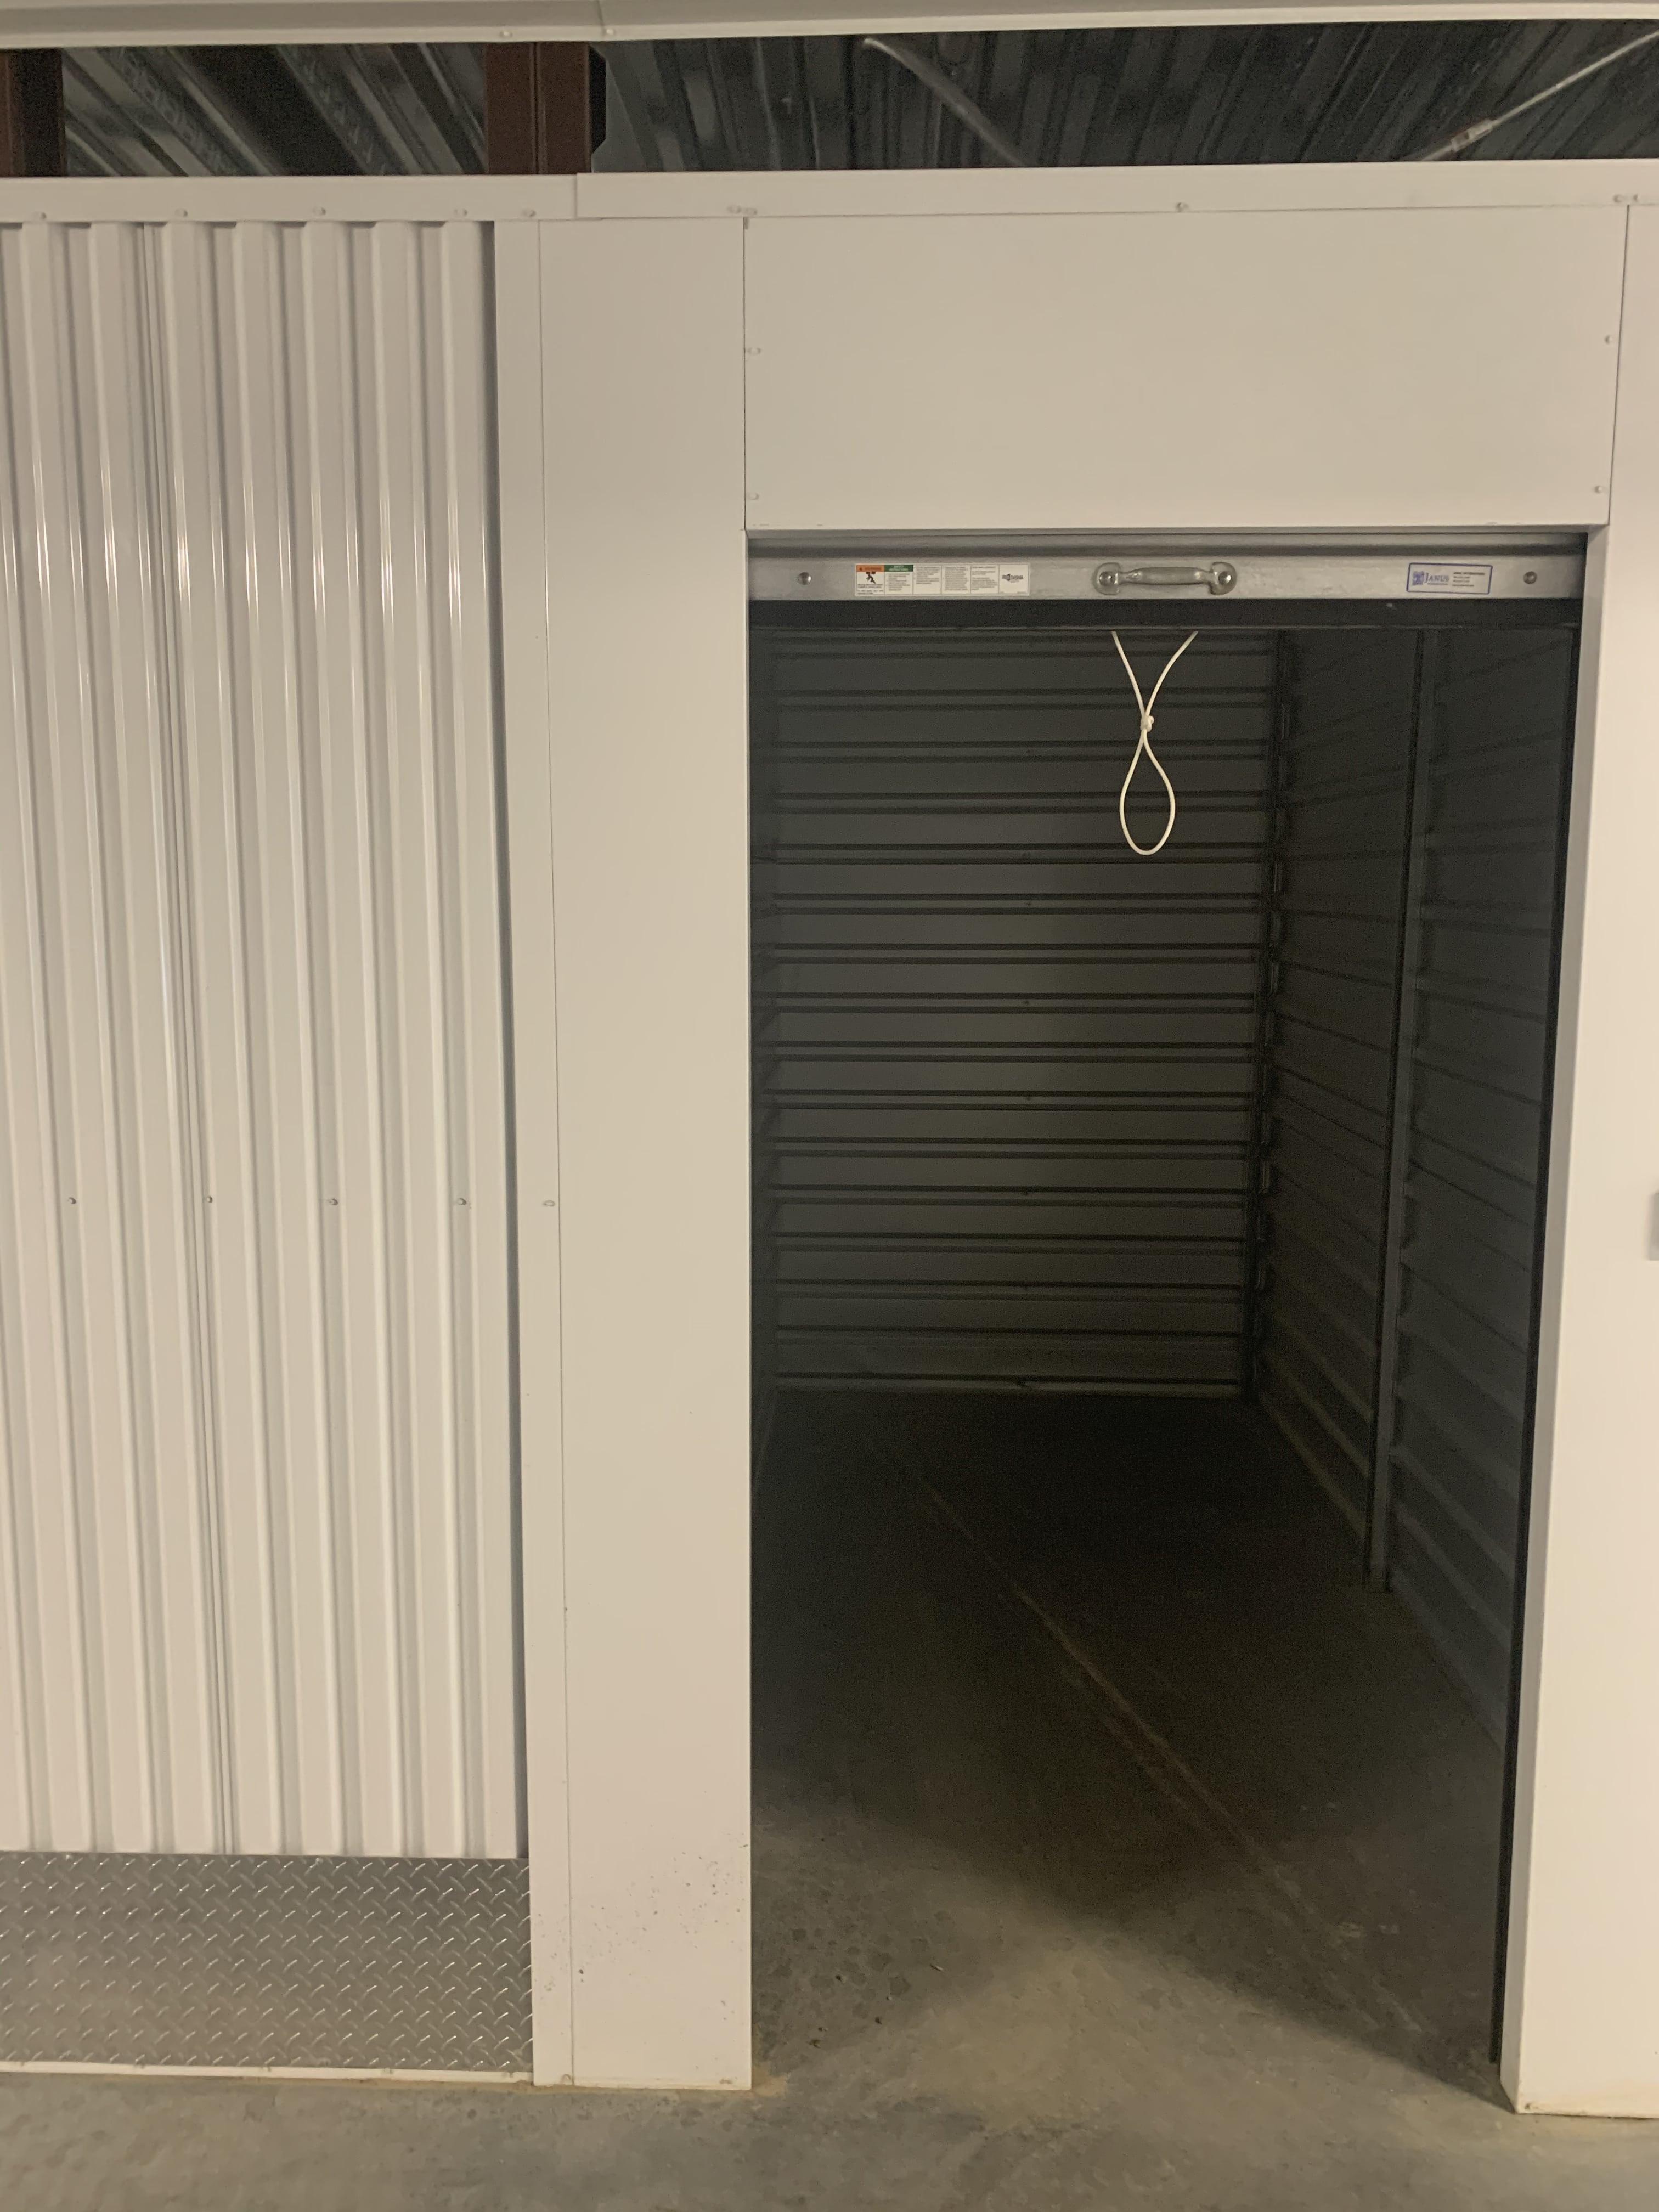 Self Storage in Blue Springs MO